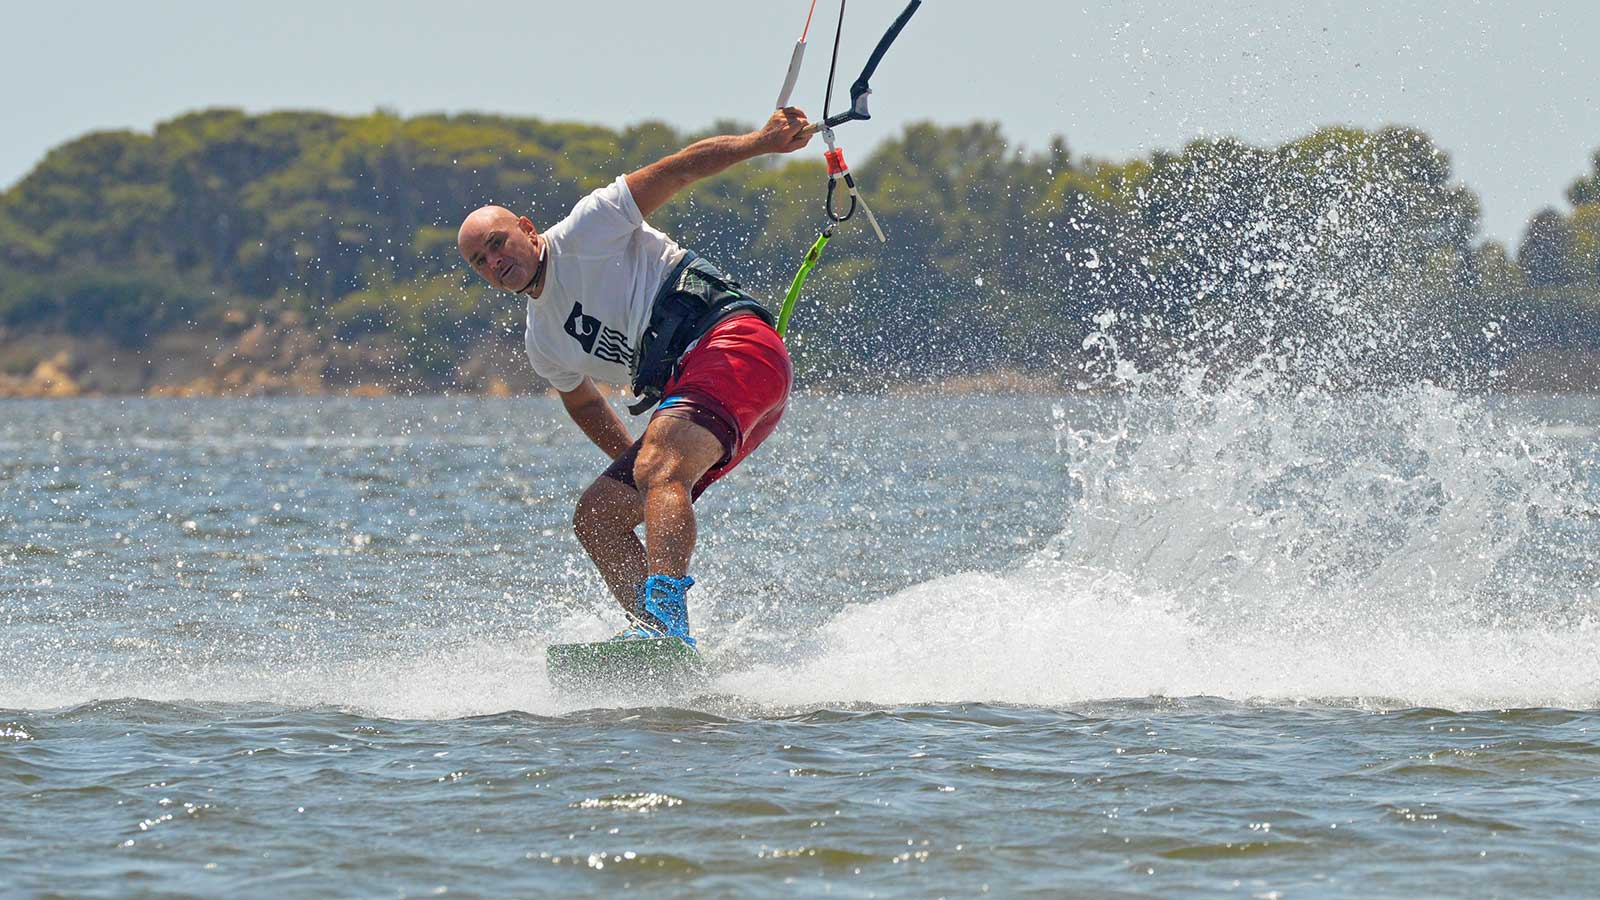 Stagnone-laguna-kite-surf-italia-04